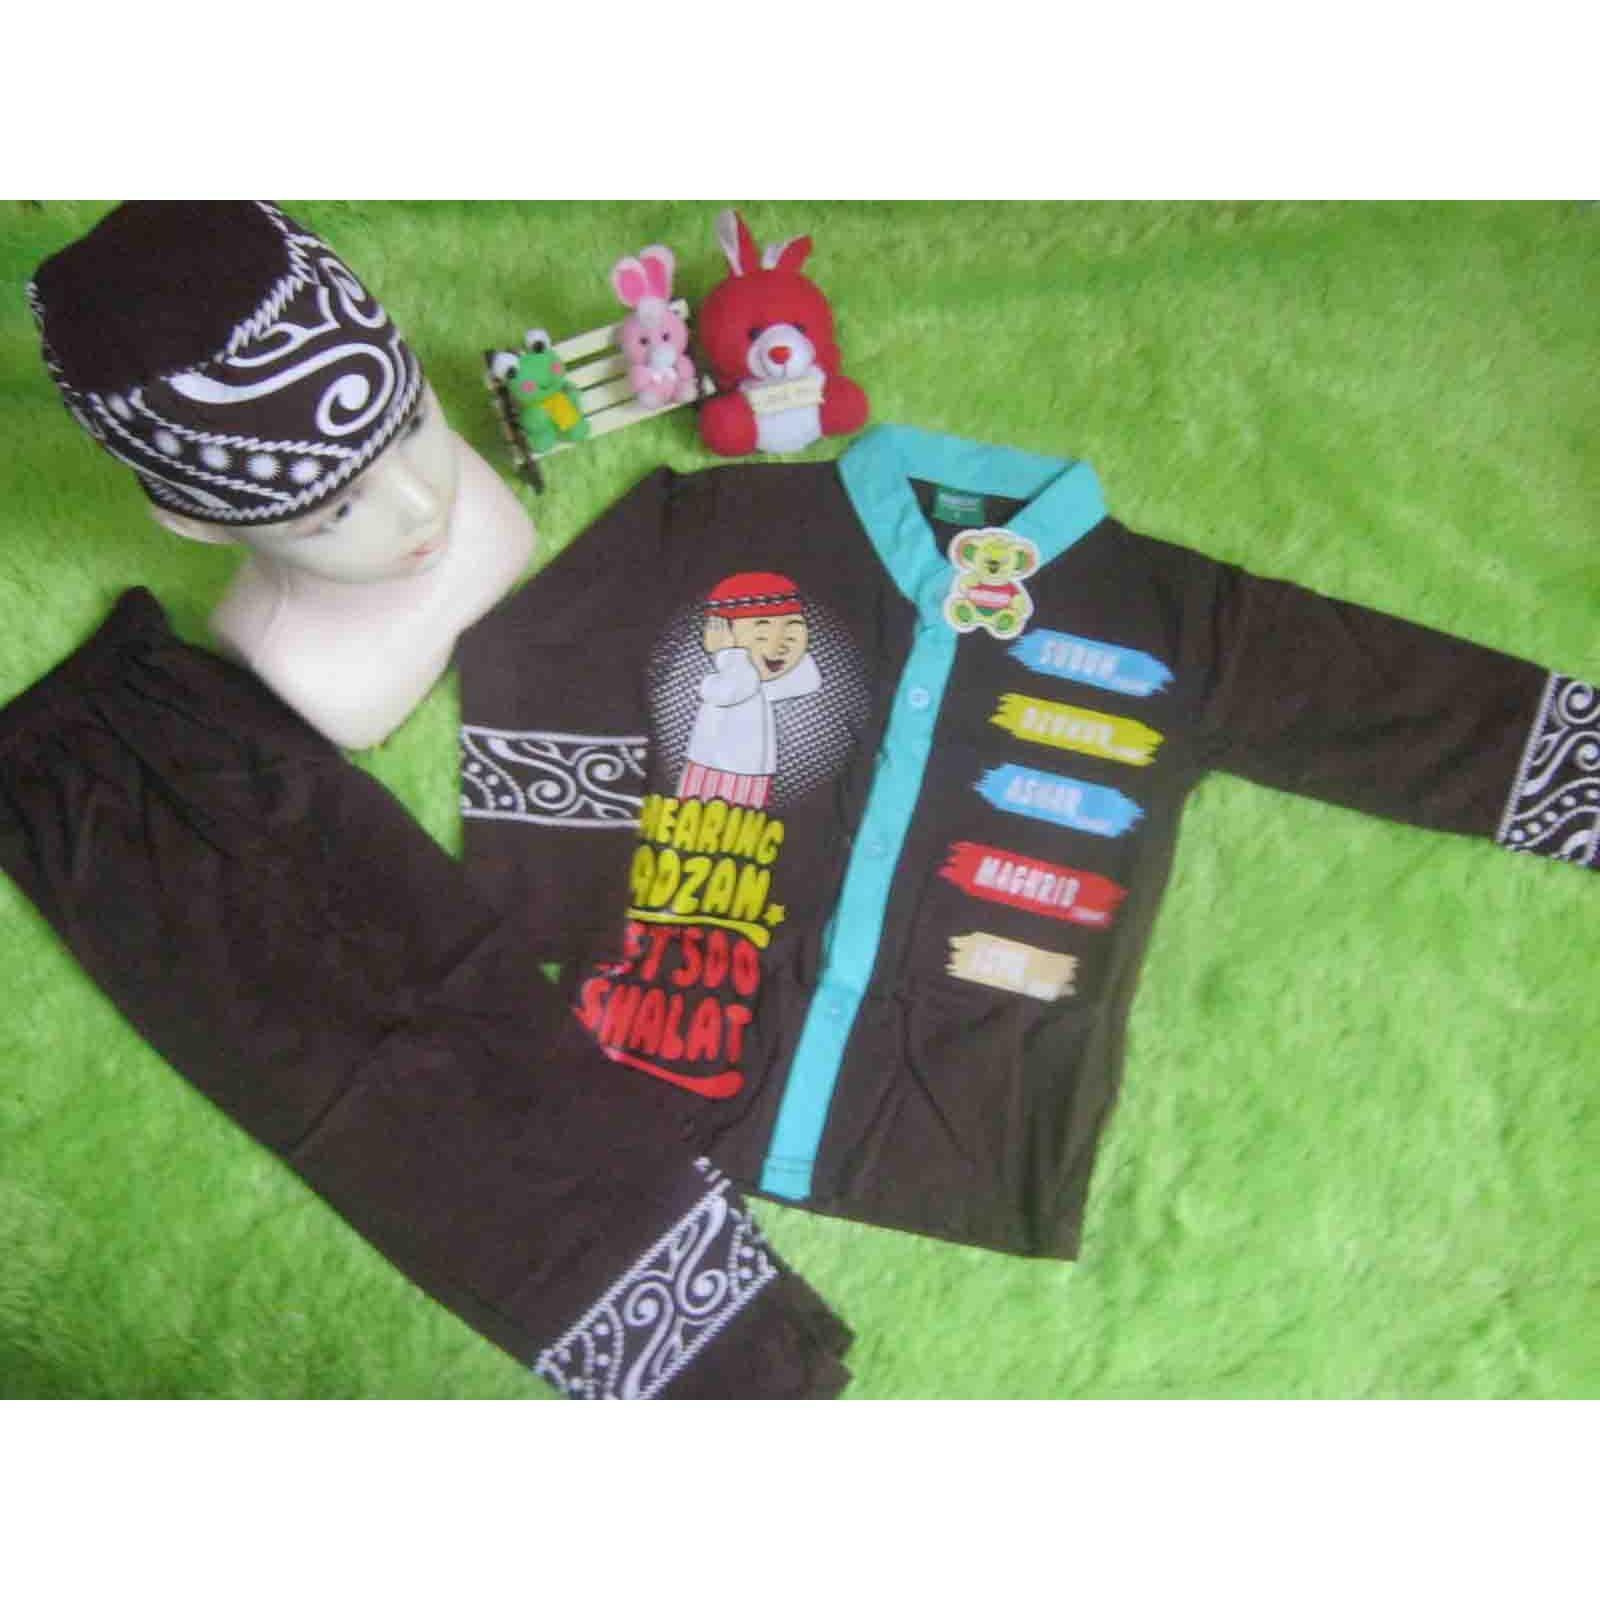 kembarshop - setelan baju koko baju muslim anak 2 tahun cokelat plus peci motif random